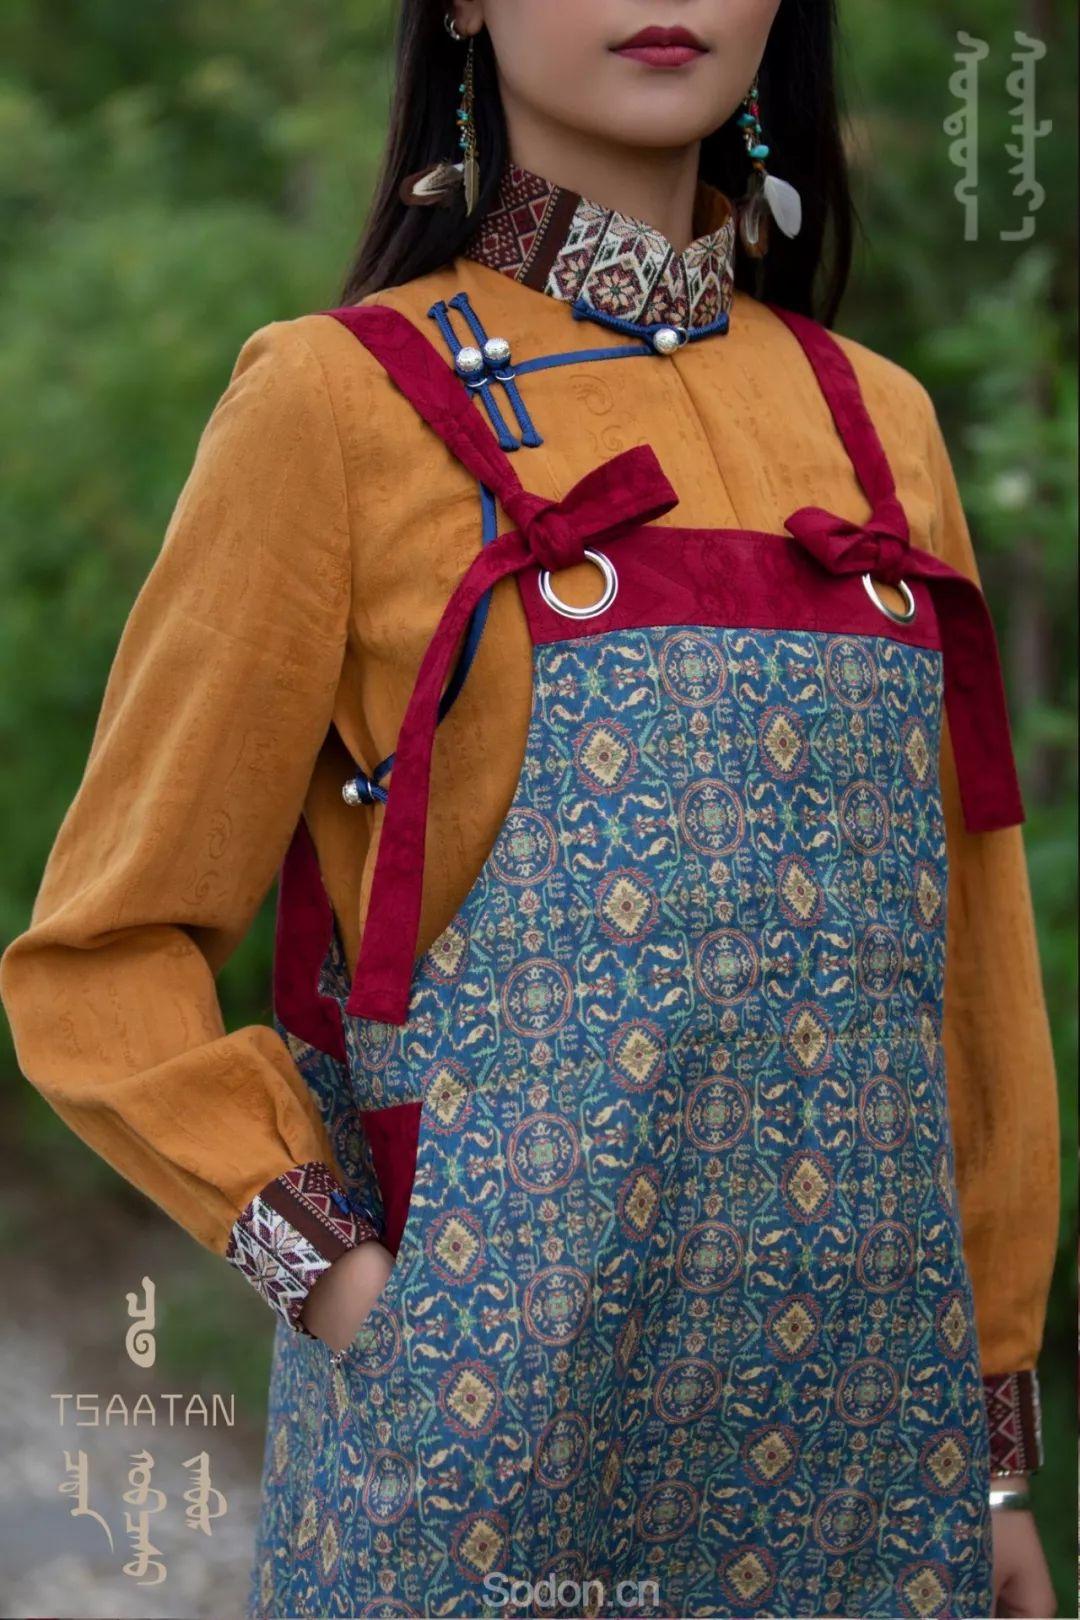 TSAATAN蒙古时装 2019新款,来自驯鹿人的独特魅力! 第83张